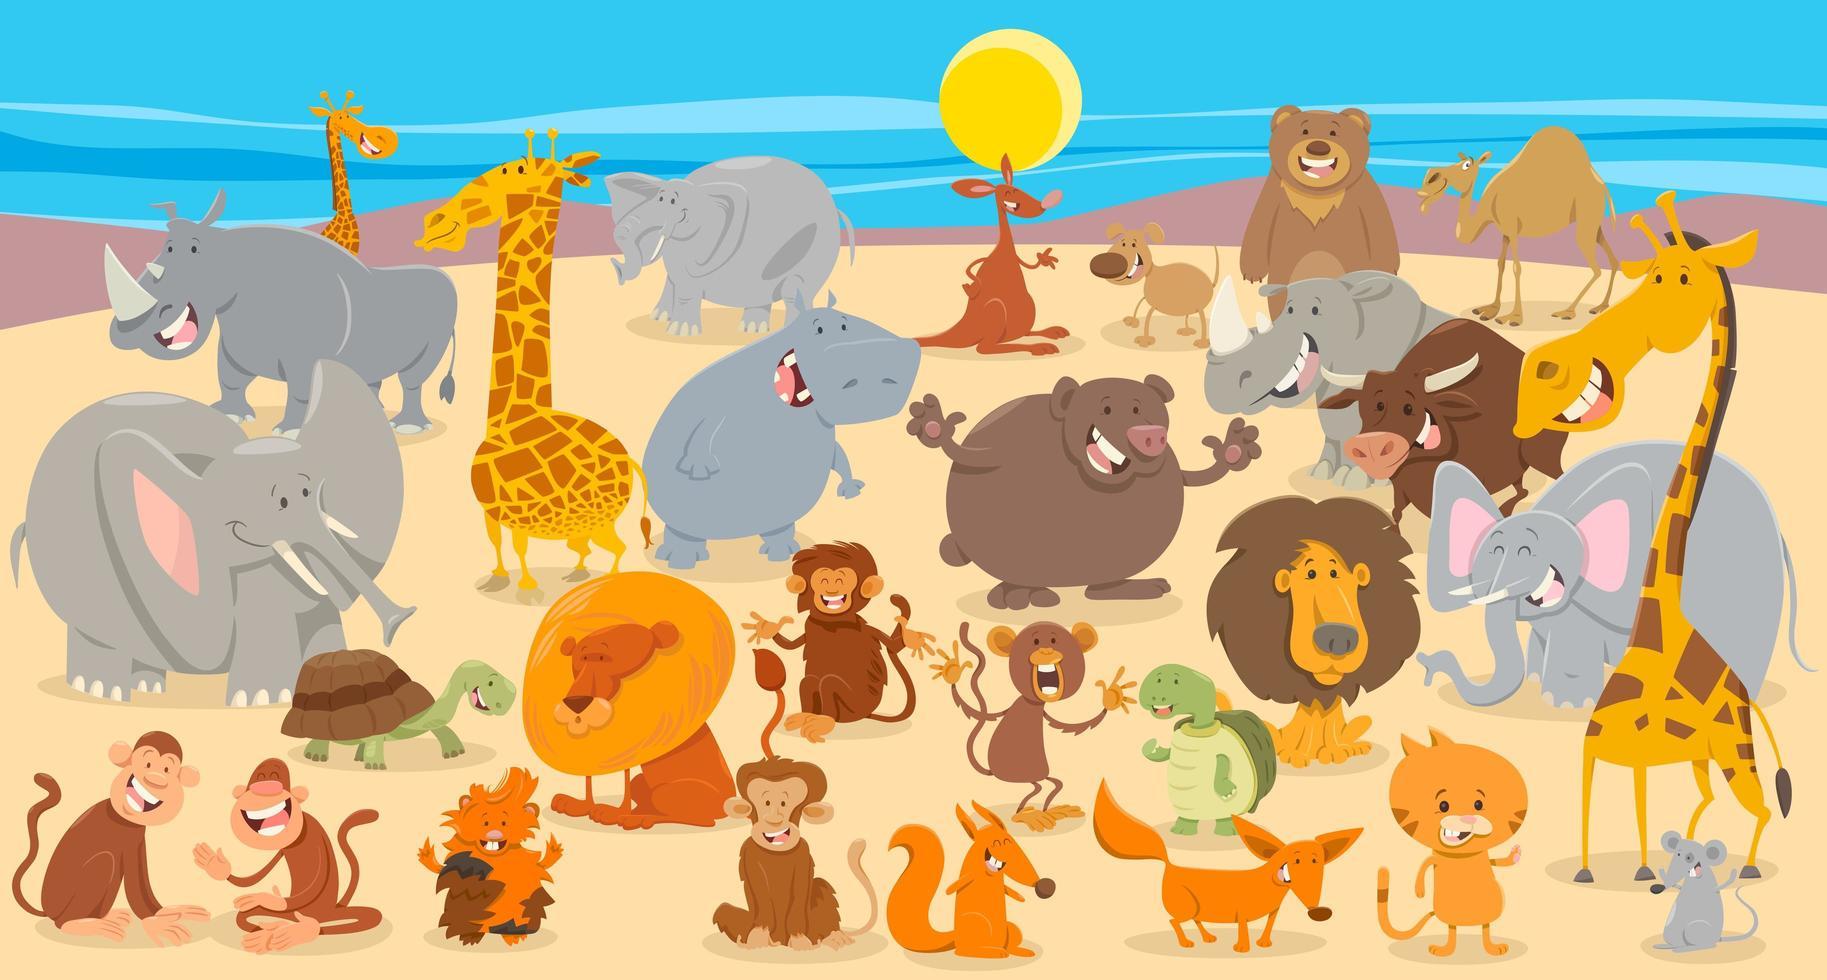 Cartoon Tierfiguren Sammlung Hintergrund vektor